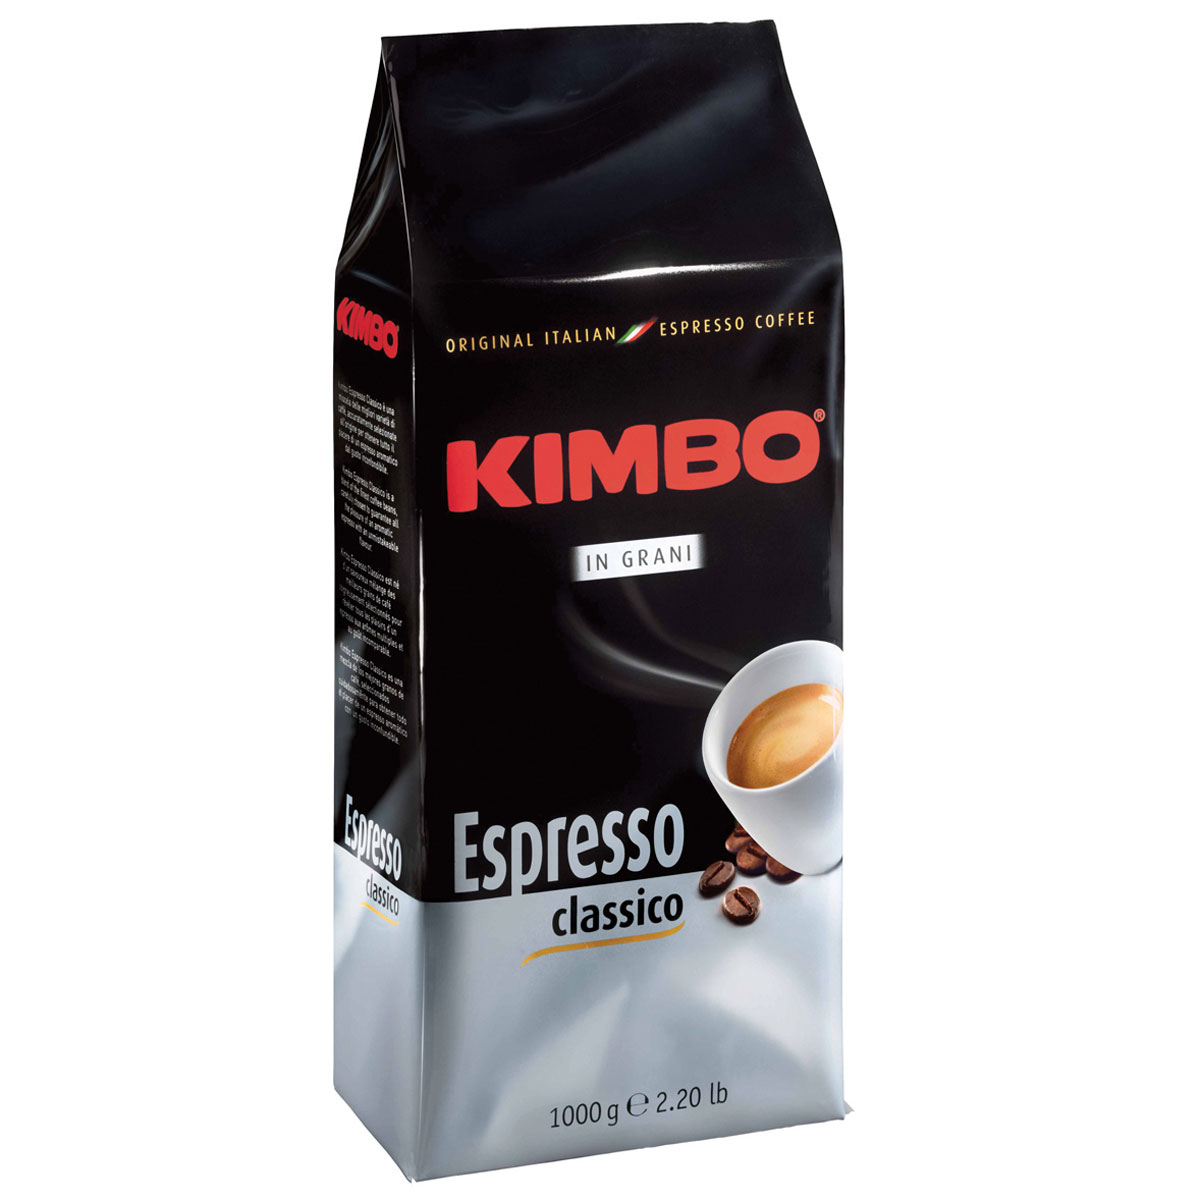 Kimbo Grani кофе в зернах, 1 кг0120710Натуральный жареный кофе в зернах Kimbo Grani. Традиционная неаполитанская смесь арабики и робусты идеальна для любителей крепкого кофе с насыщенным вкусом. Состав смеси: 95% арабика, 5% робуста.